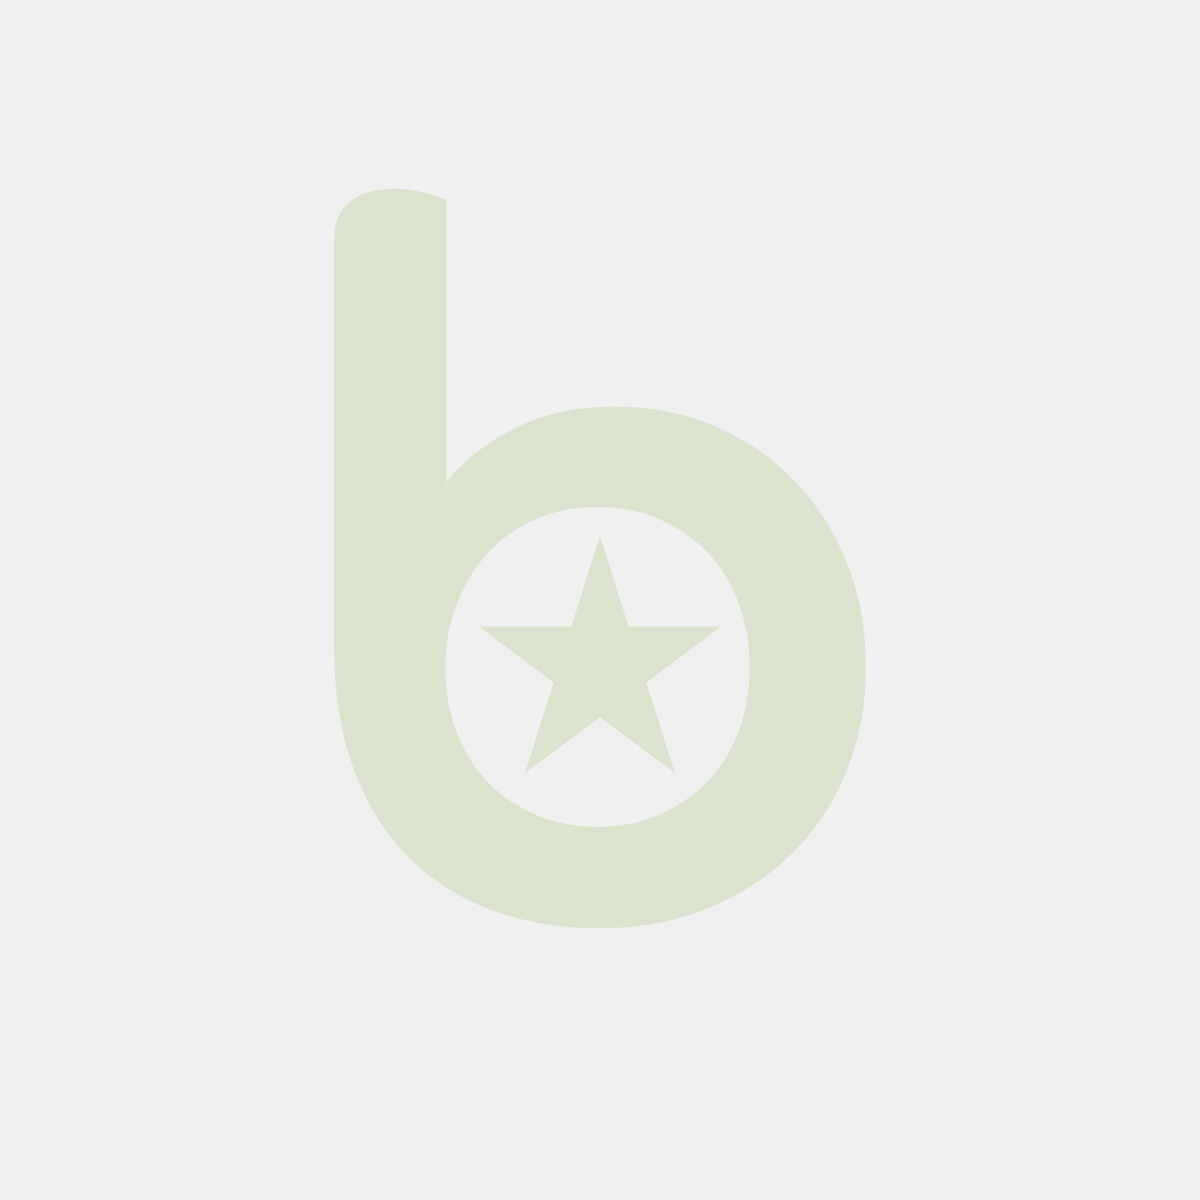 Tacka styropianowa biała nr 60 (138x138x19mm), cena za 1200 sztuk